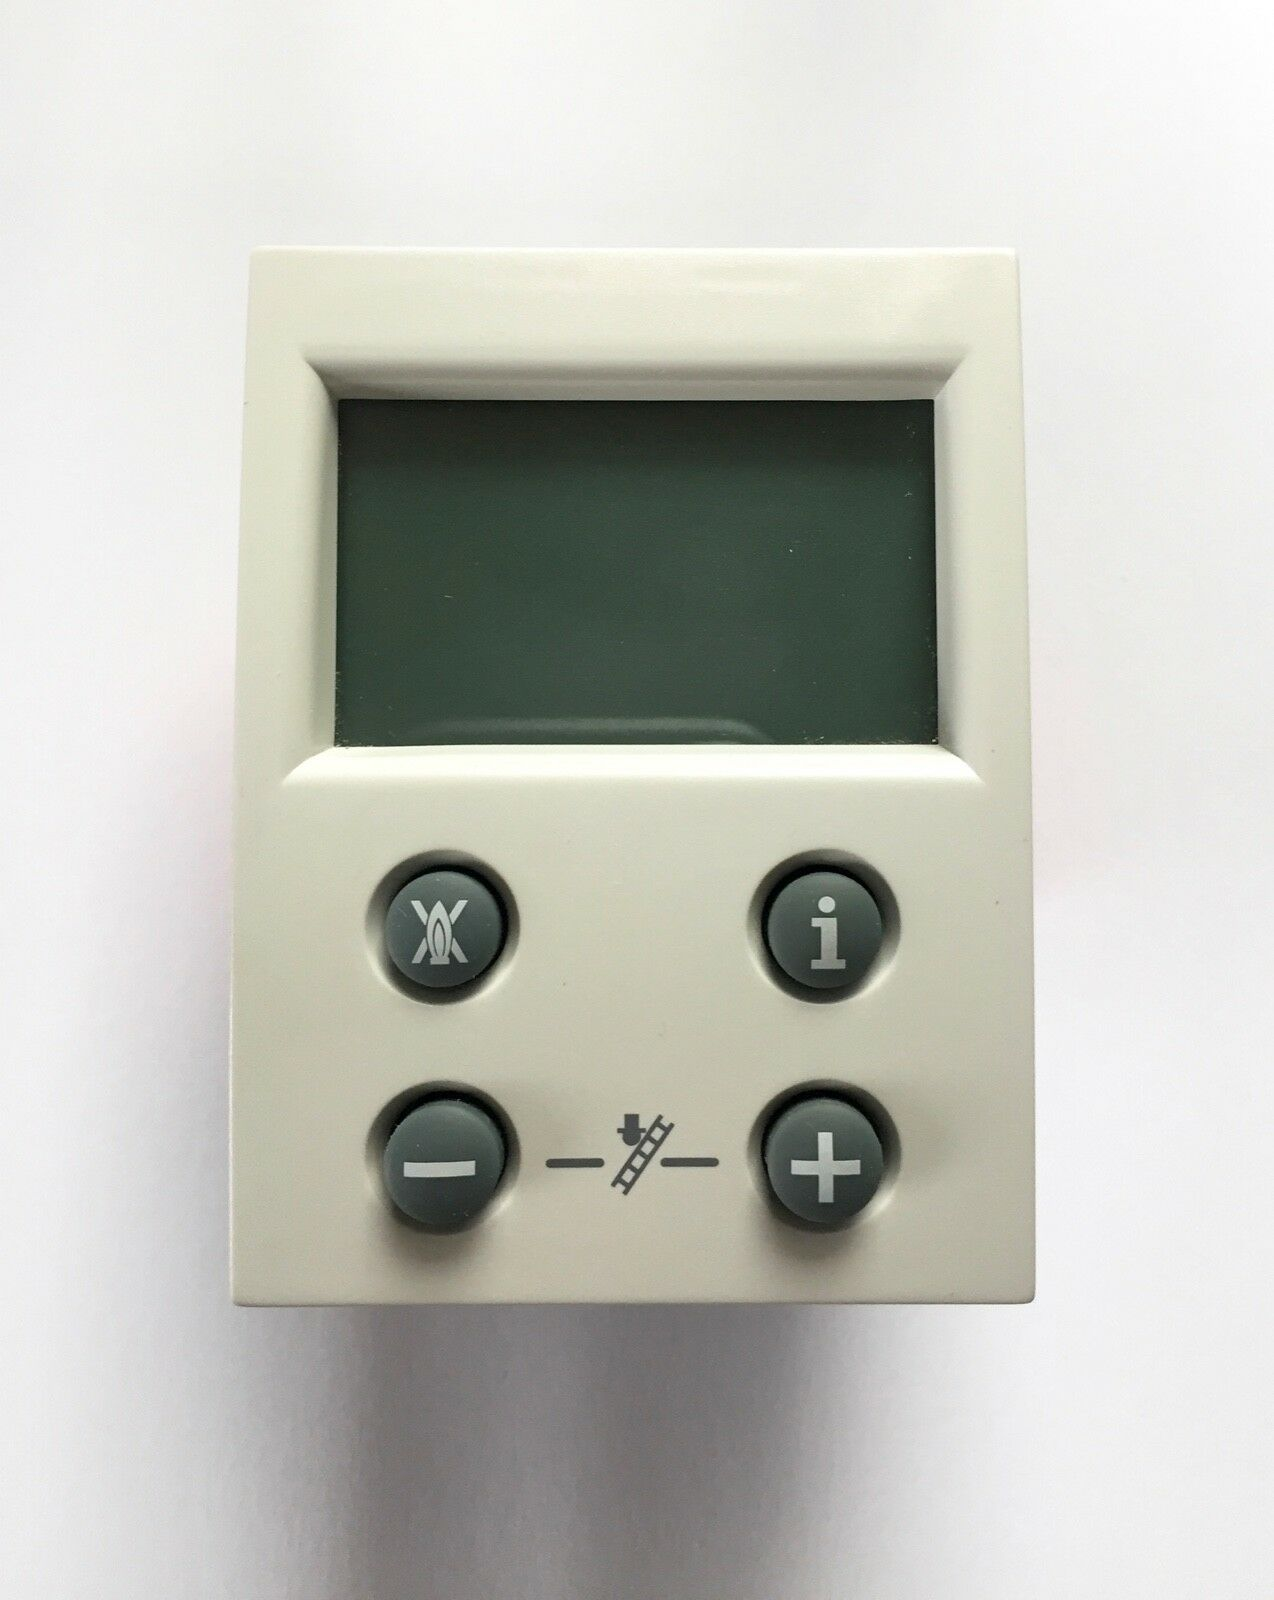 Vaillant Regelung VRC-VC Display   Gebraucht